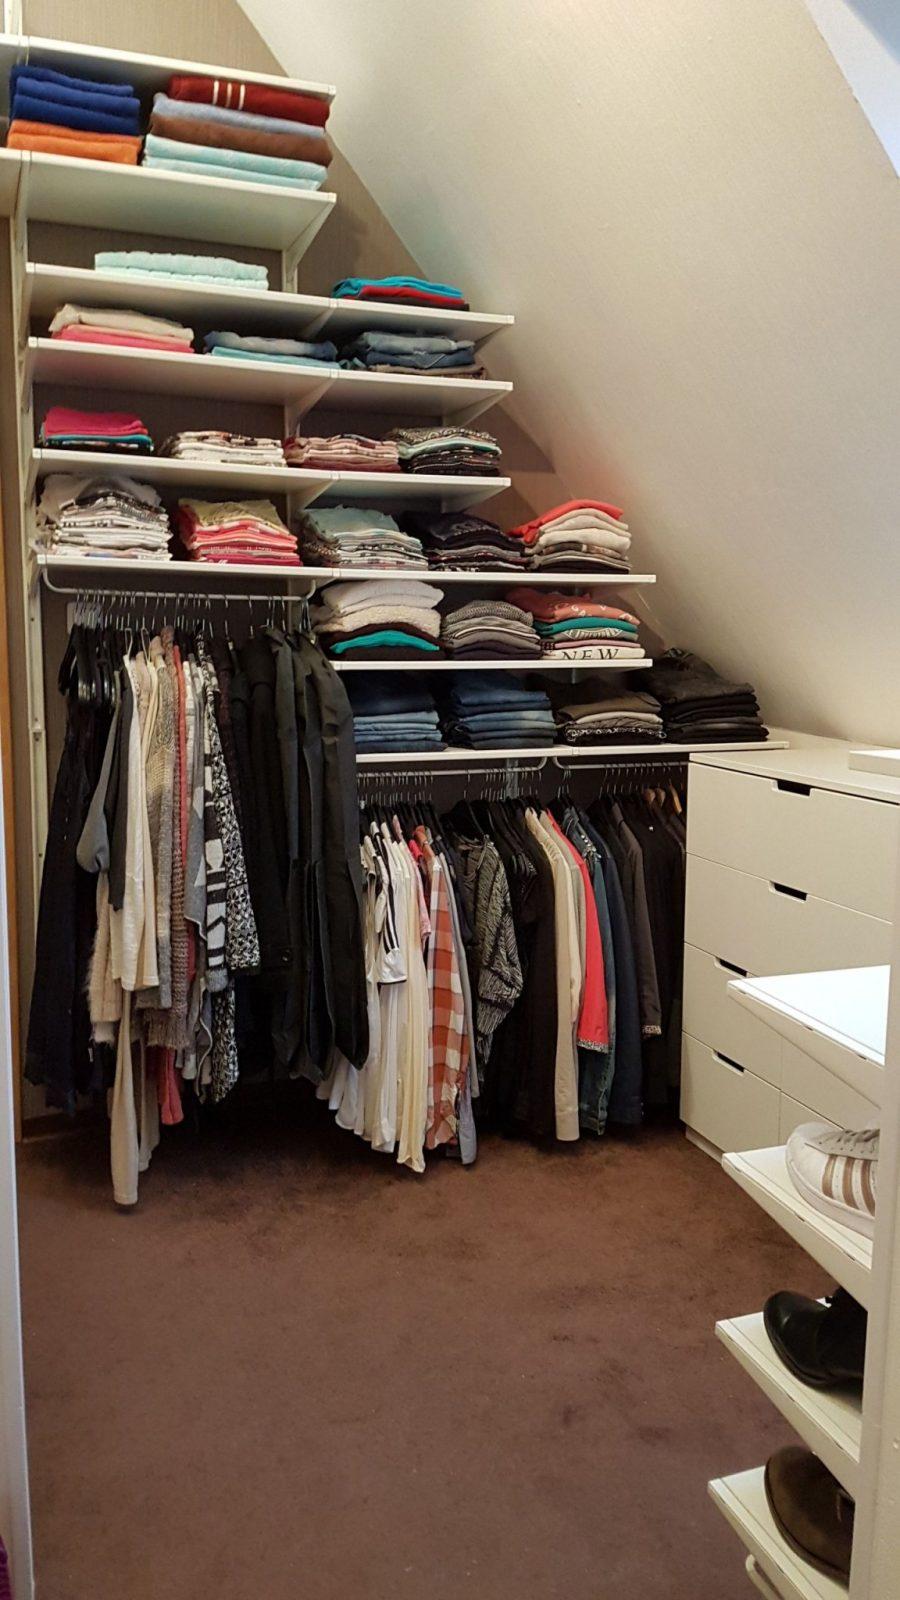 Unser Neues Ankleidezimmer Diy Ikea Selbermachen Regale Schrank von Offenen Kleiderschrank Selber Bauen Photo